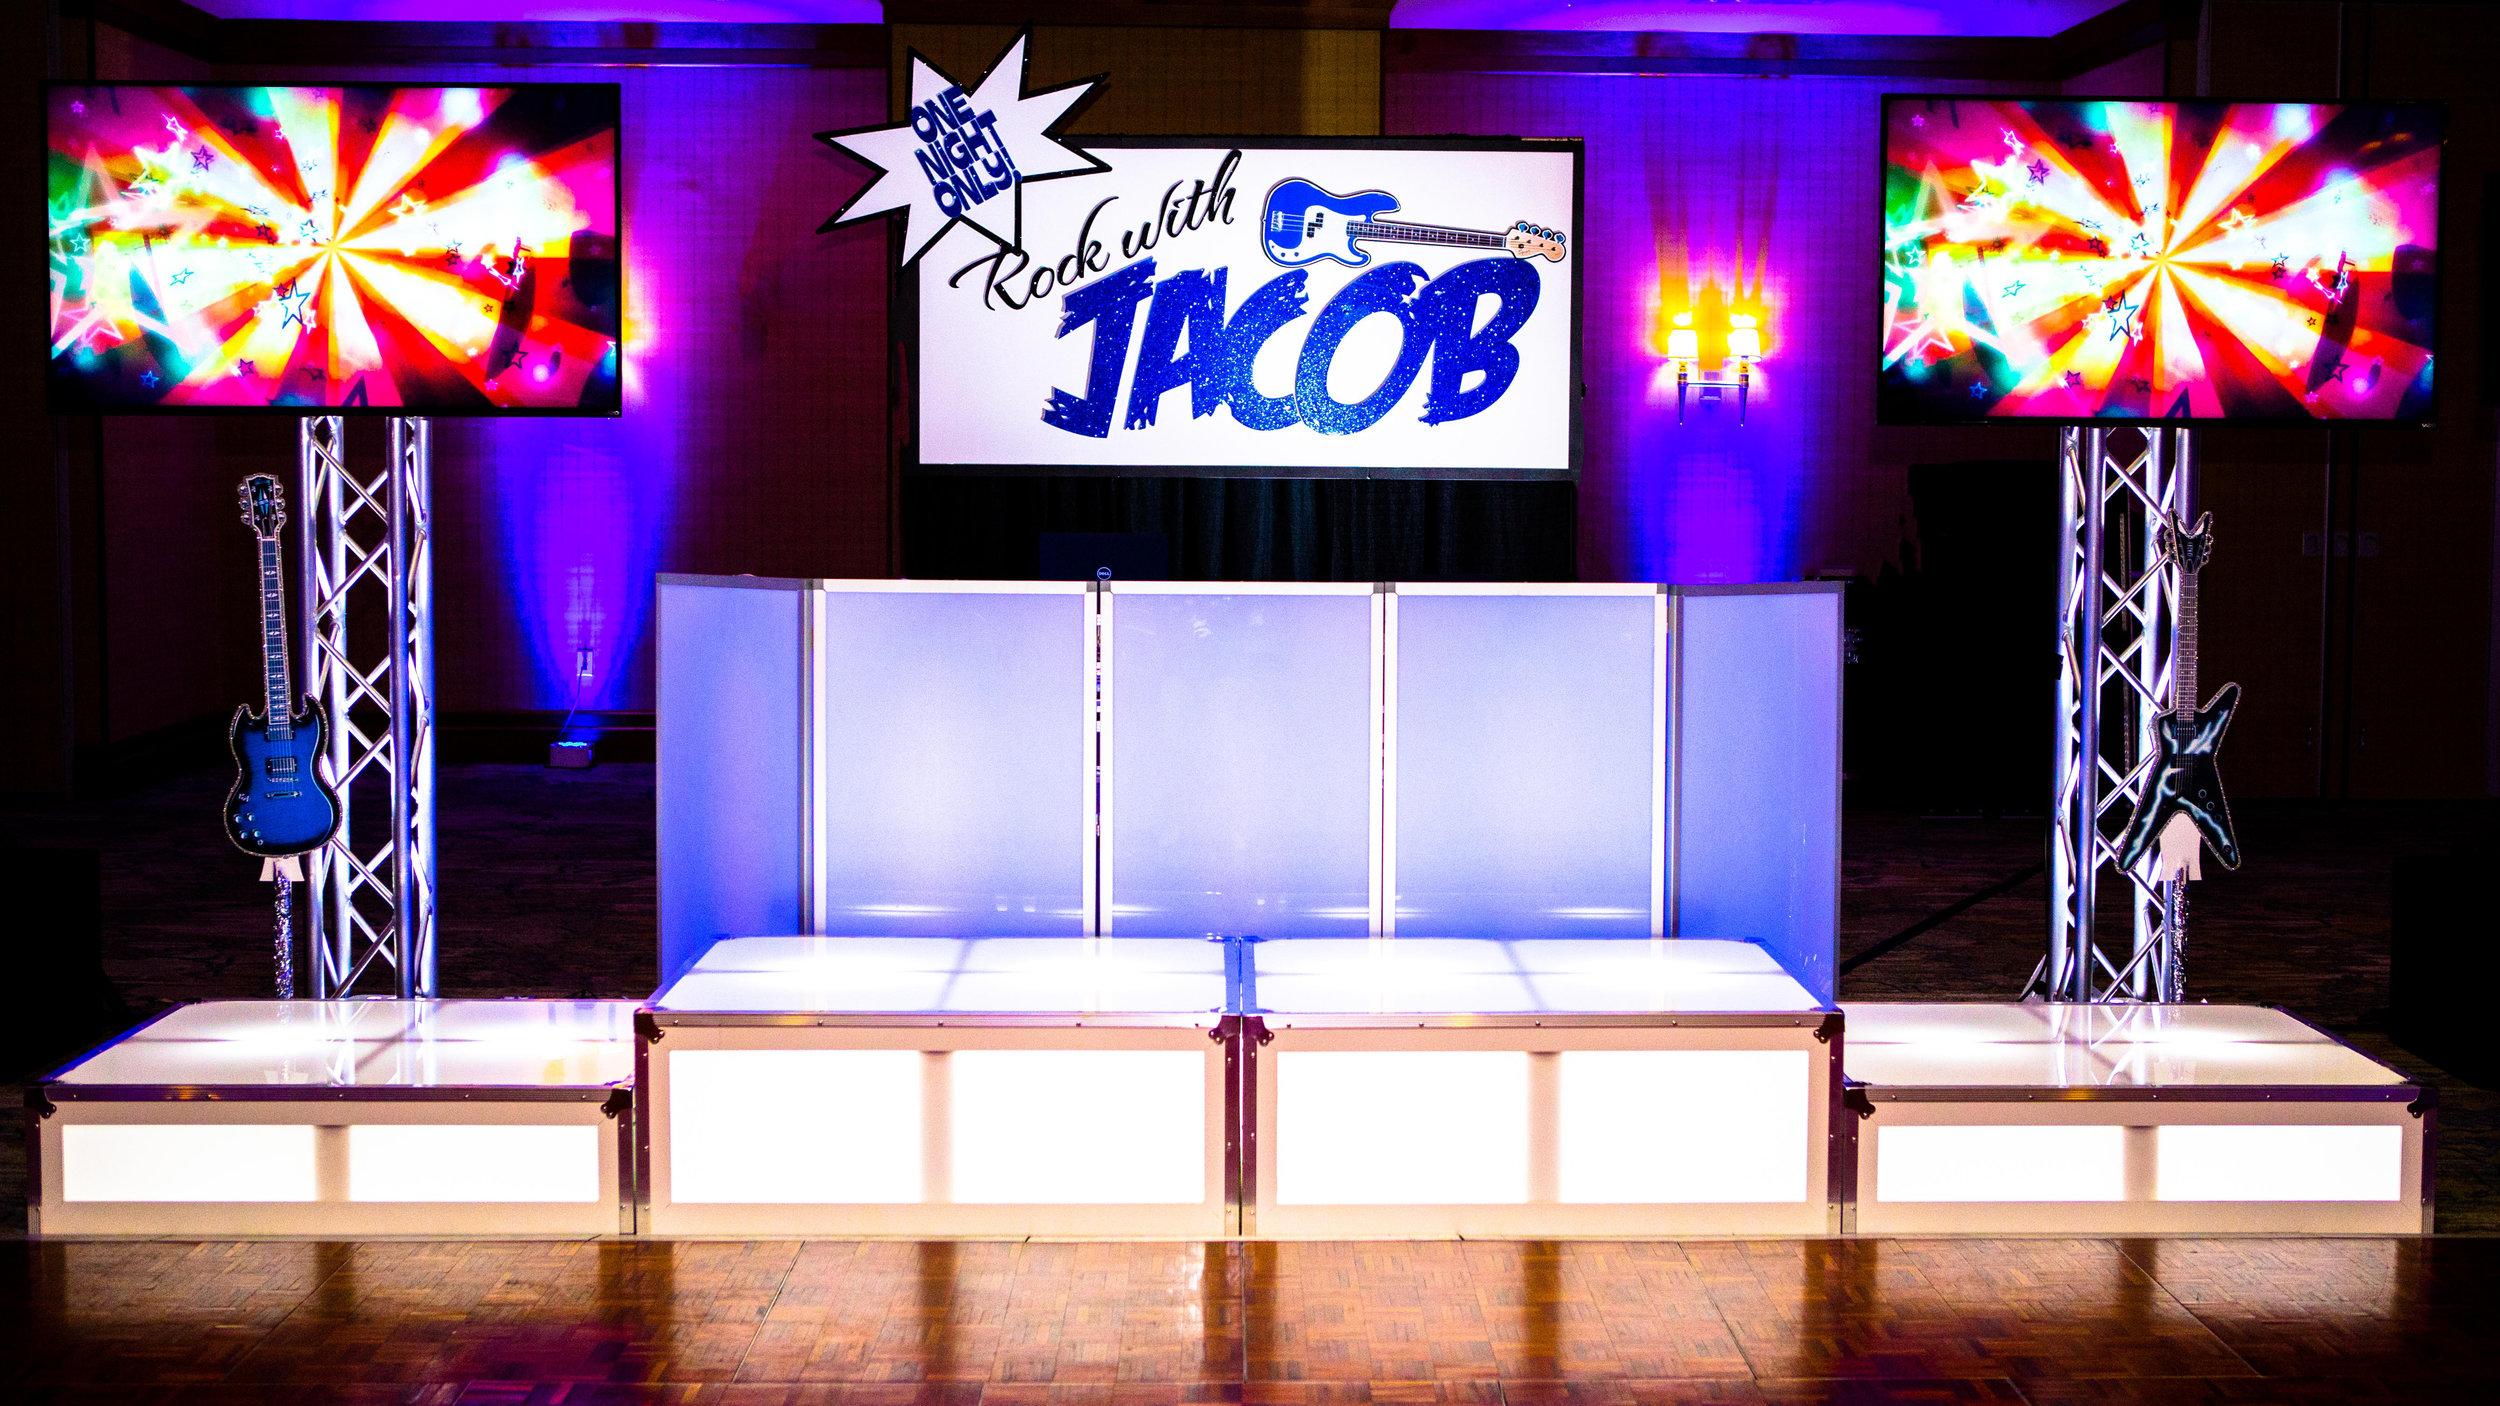 LED Dance Platforms / Stages